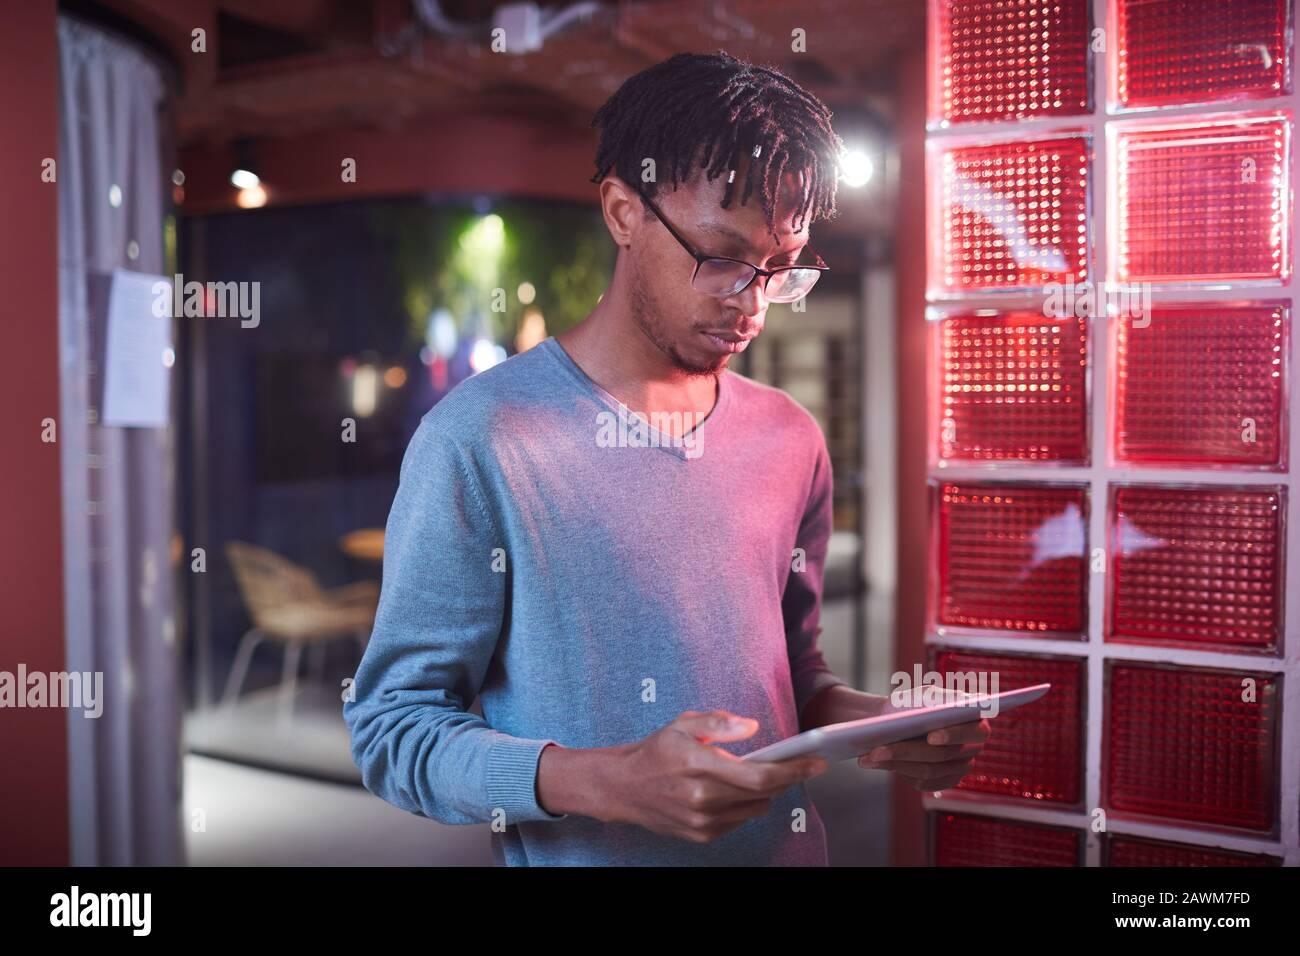 Taillen-Up-Porträt des zeitgenössischen afroamerikanischen Mannes mit digitalem Tablet während der Arbeit in futuristischen Büro-Innenräumen, Kopierraum Stockfoto